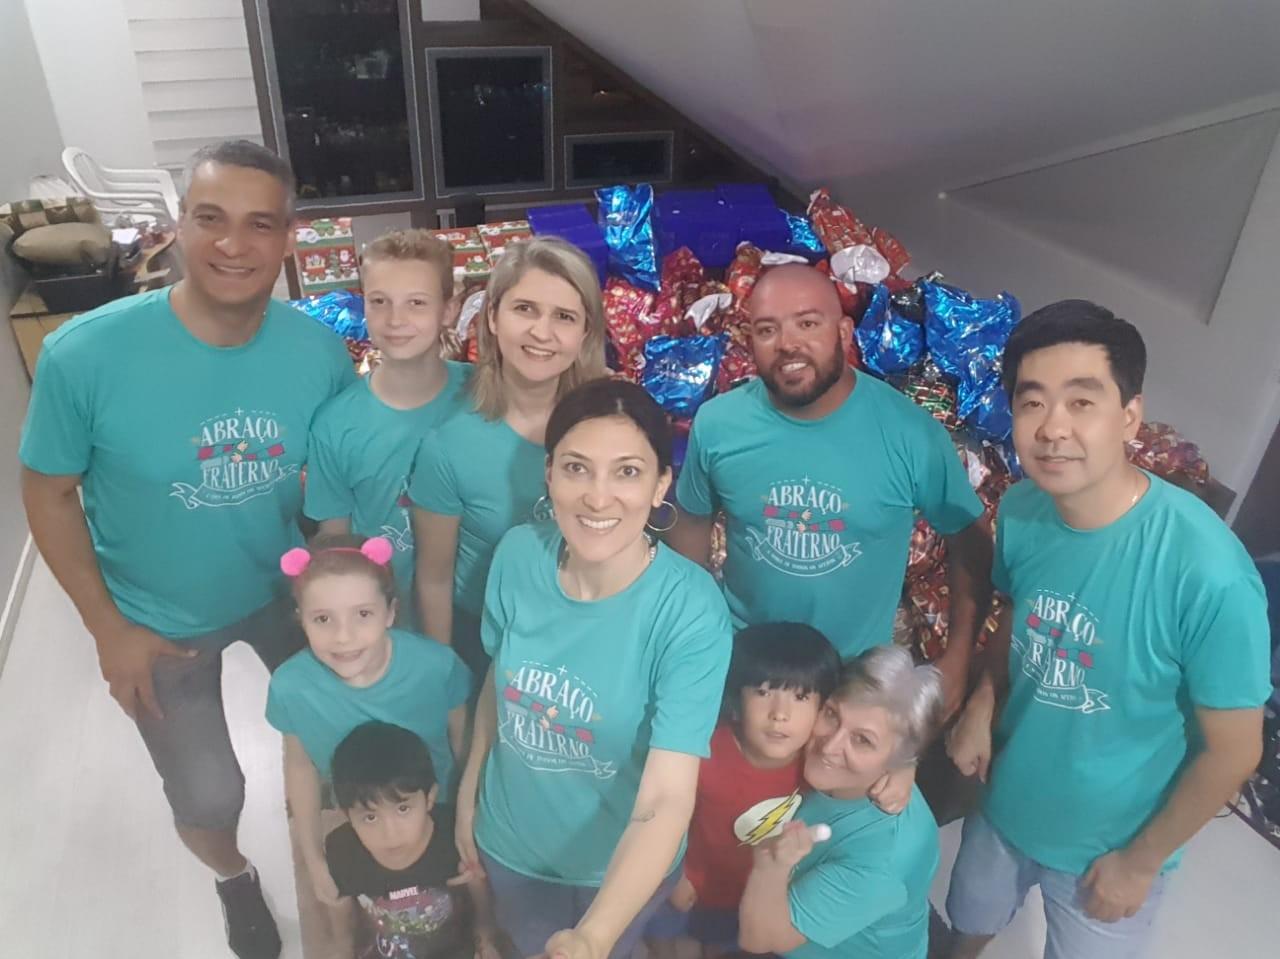 Grupo de amigos faz festa de Natal para crianças carentes de Curitiba; saiba como ajudar - Noticias